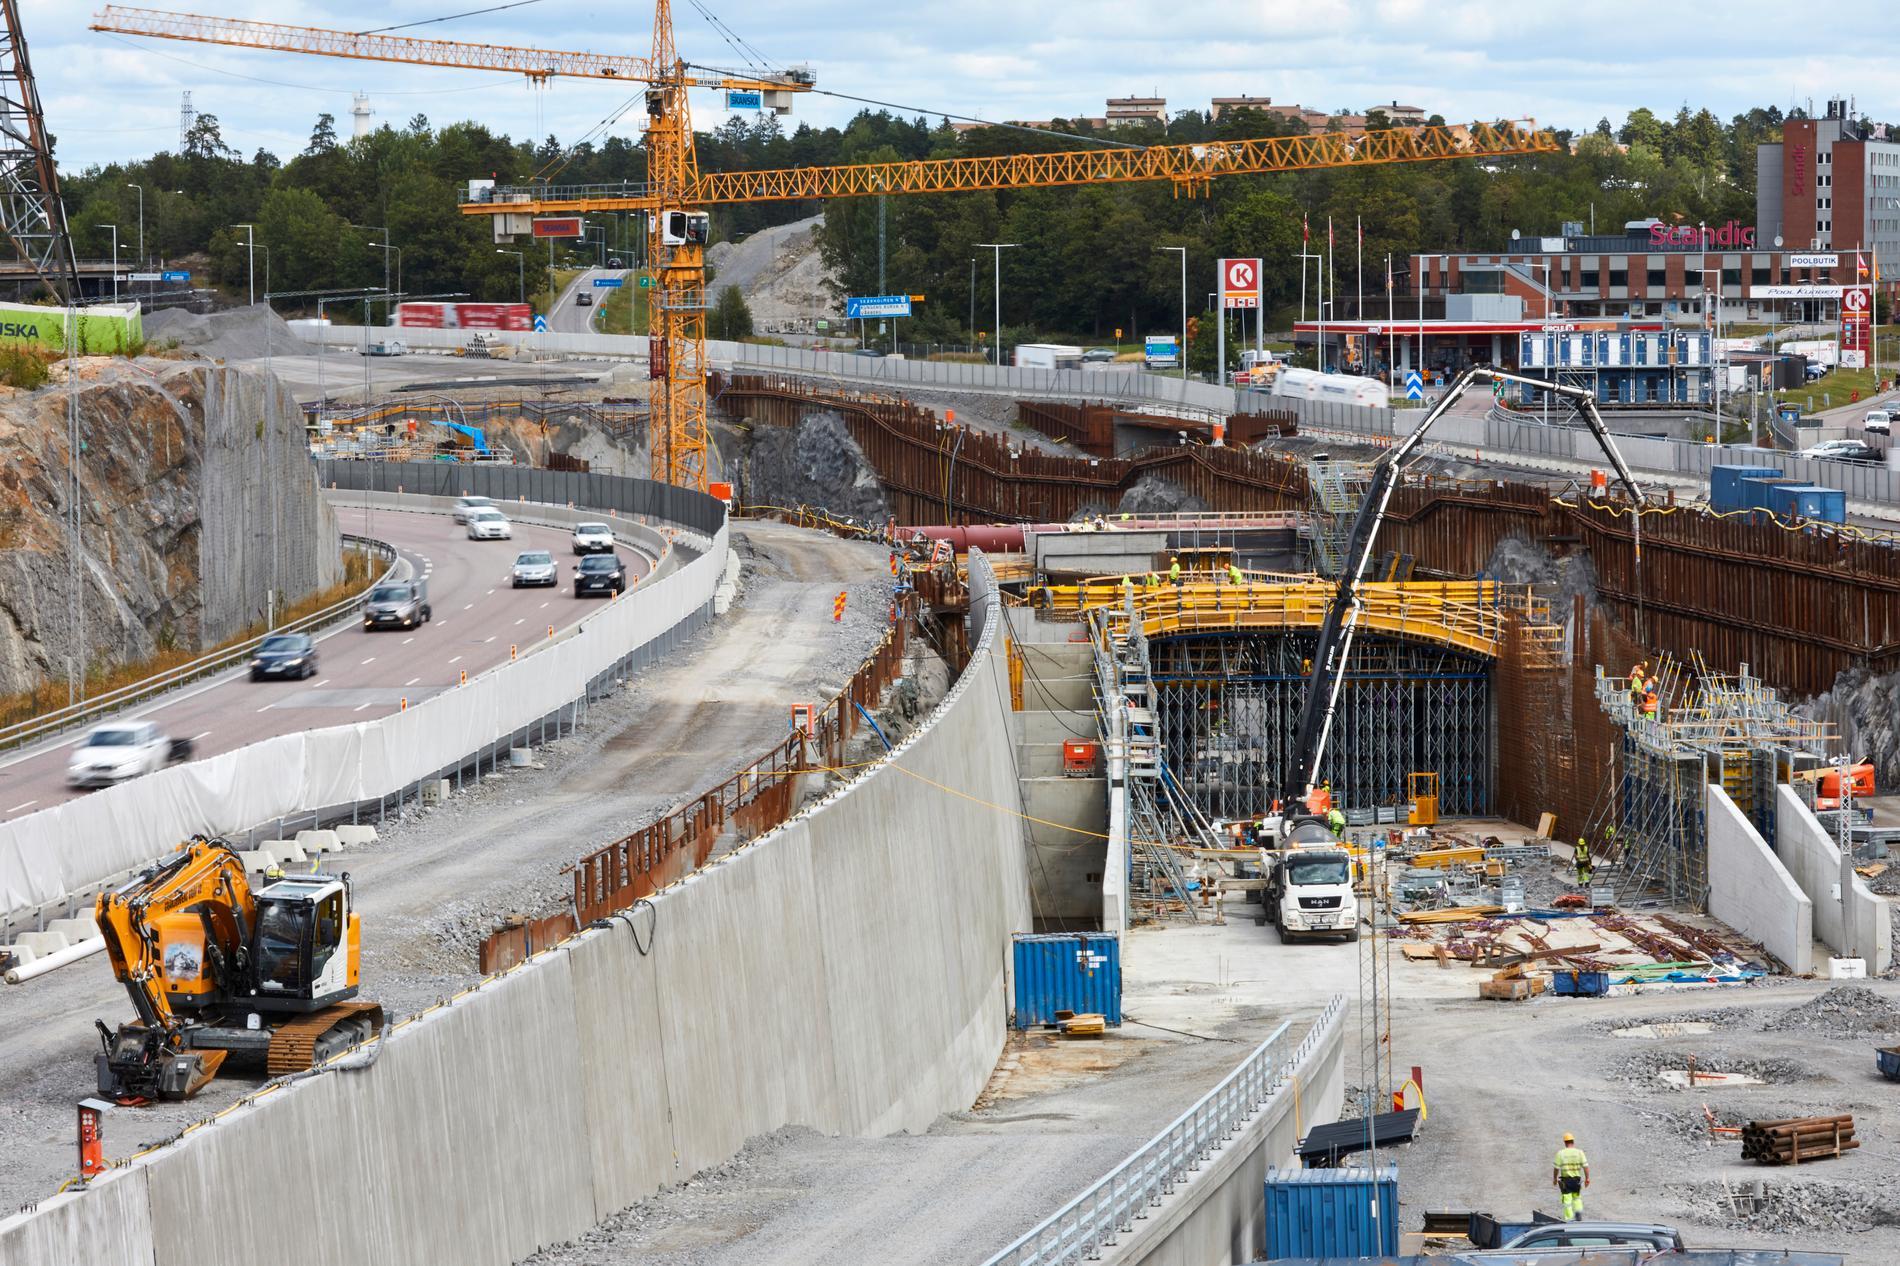 Bygget av projektet Förbifart Stockholm blir försenat. Bilden är från en del av projektet, utanför Kungens kurva.